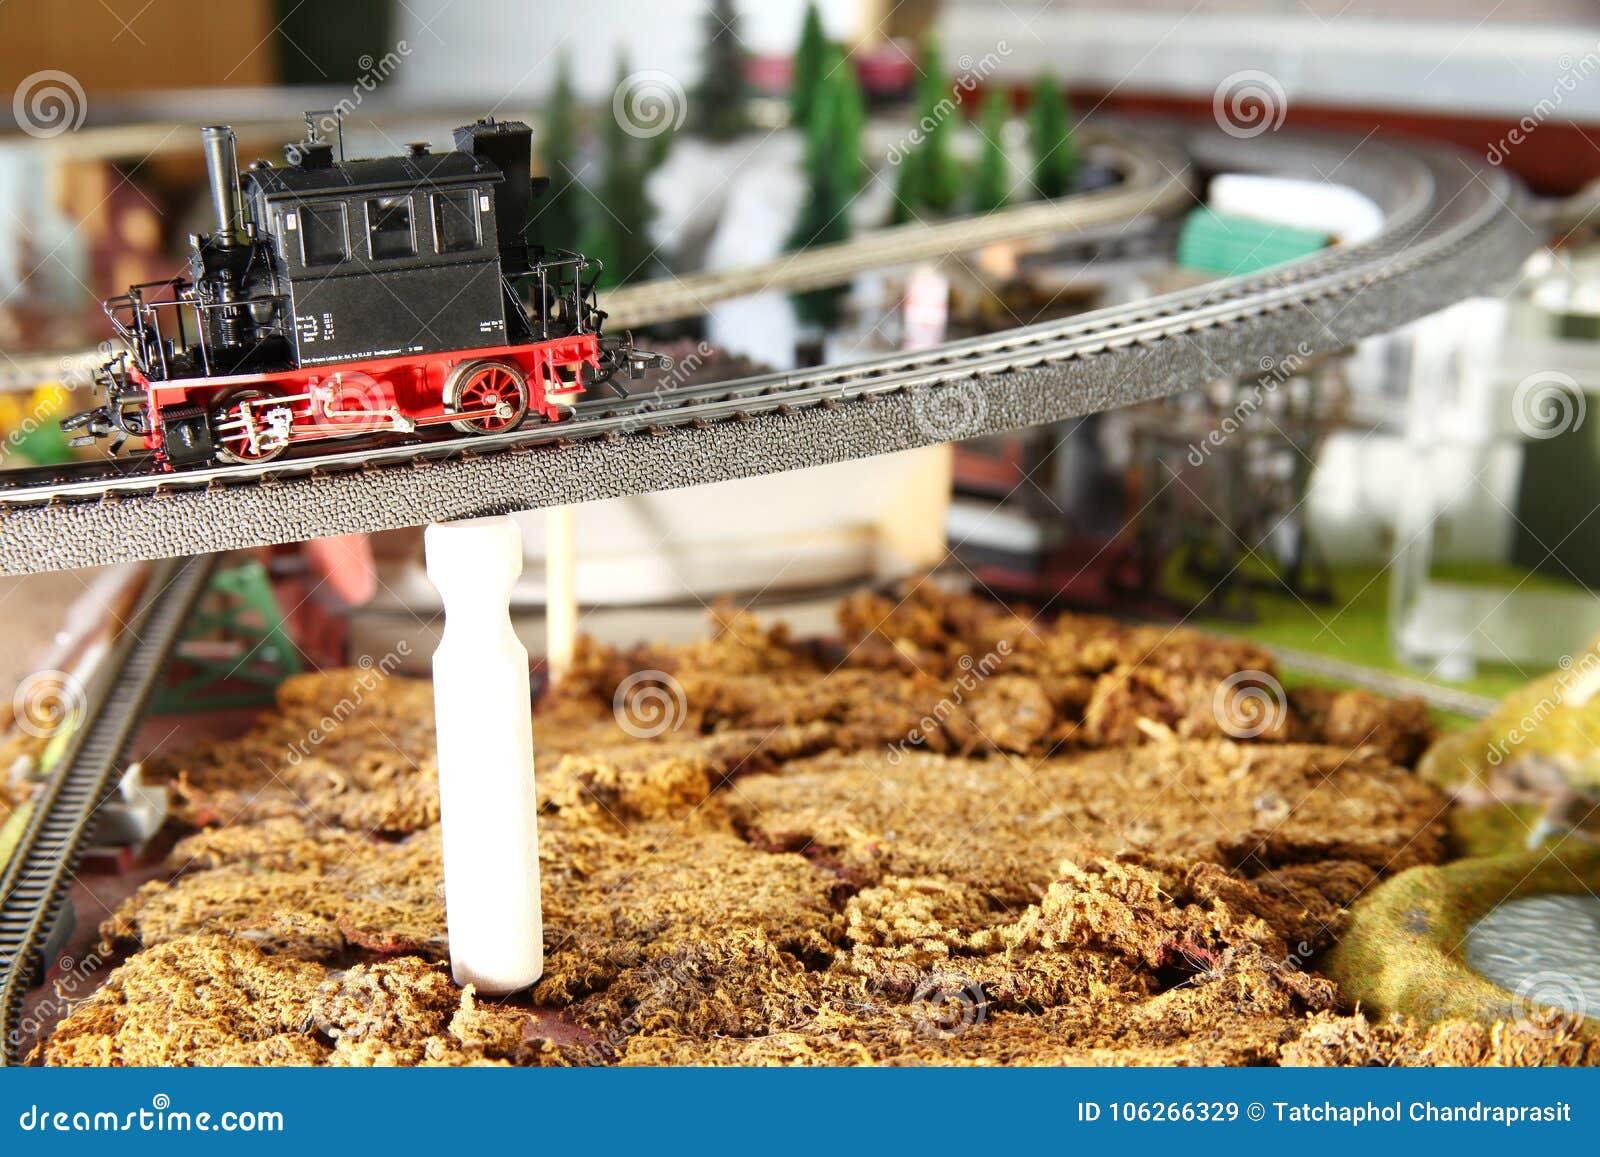 Πρότυπος σιδηρόδρομος στη μικροσκοπική πρότυπη πόλης σκηνή